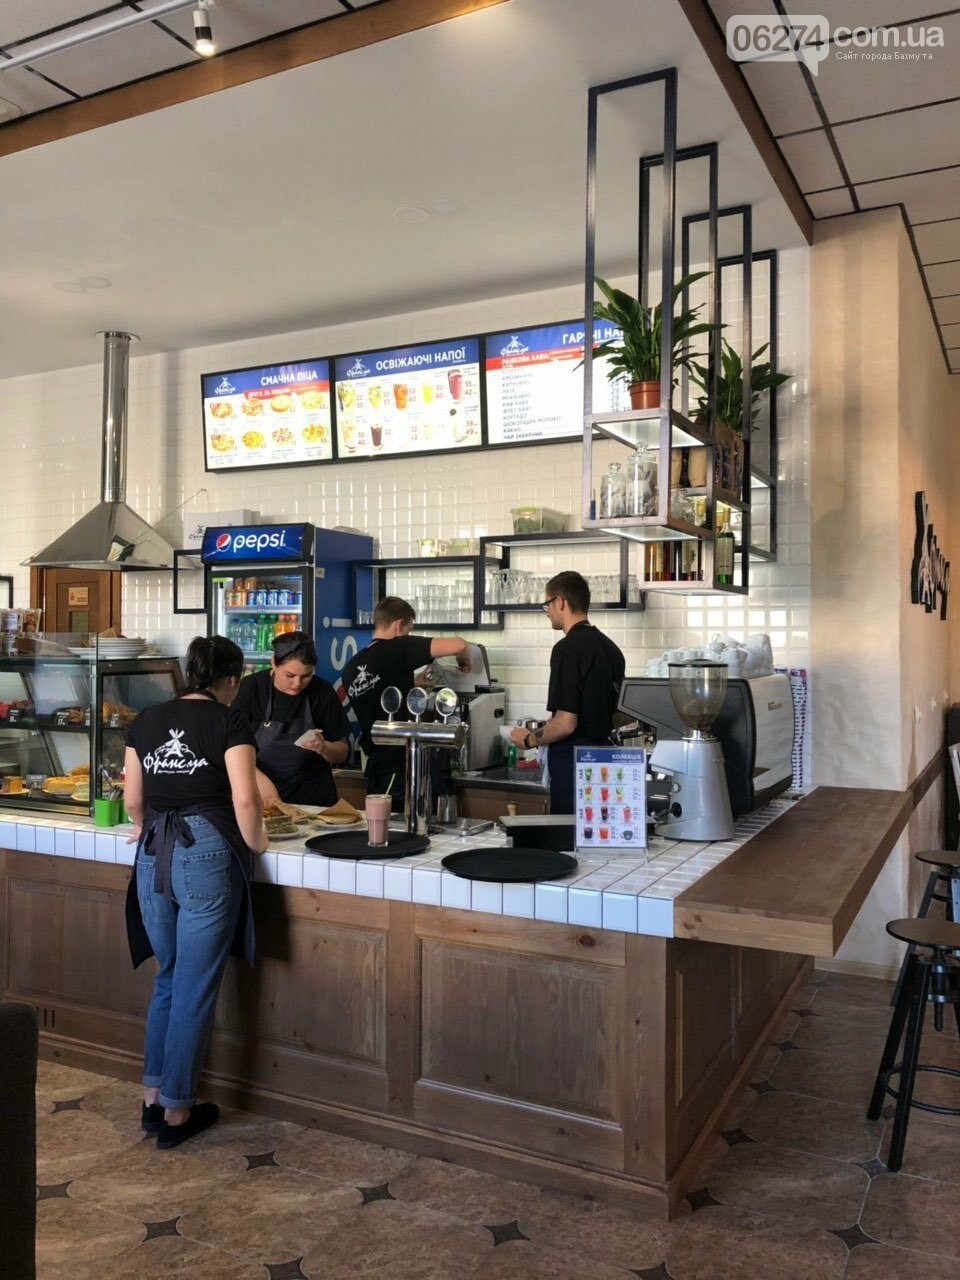 В Бахмуте открылась кофейня-пекарня «Франс.уа», фото-1